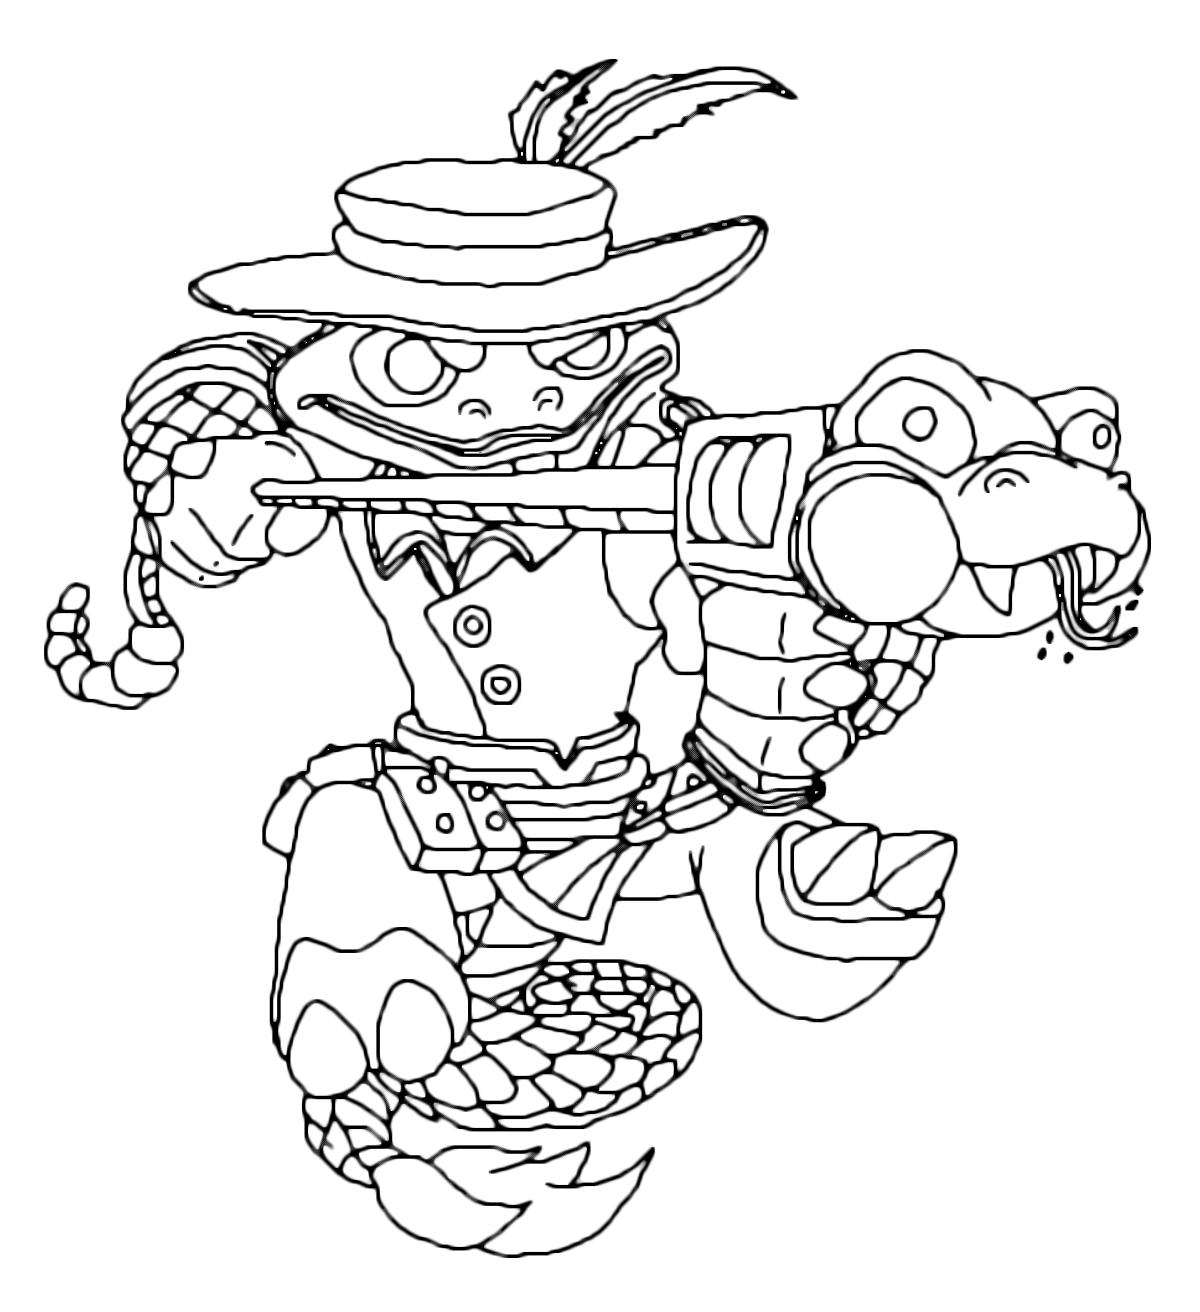 Cryptozoology Coloring Book- Kraken   Coloring books, Kraken ...   1312x1200